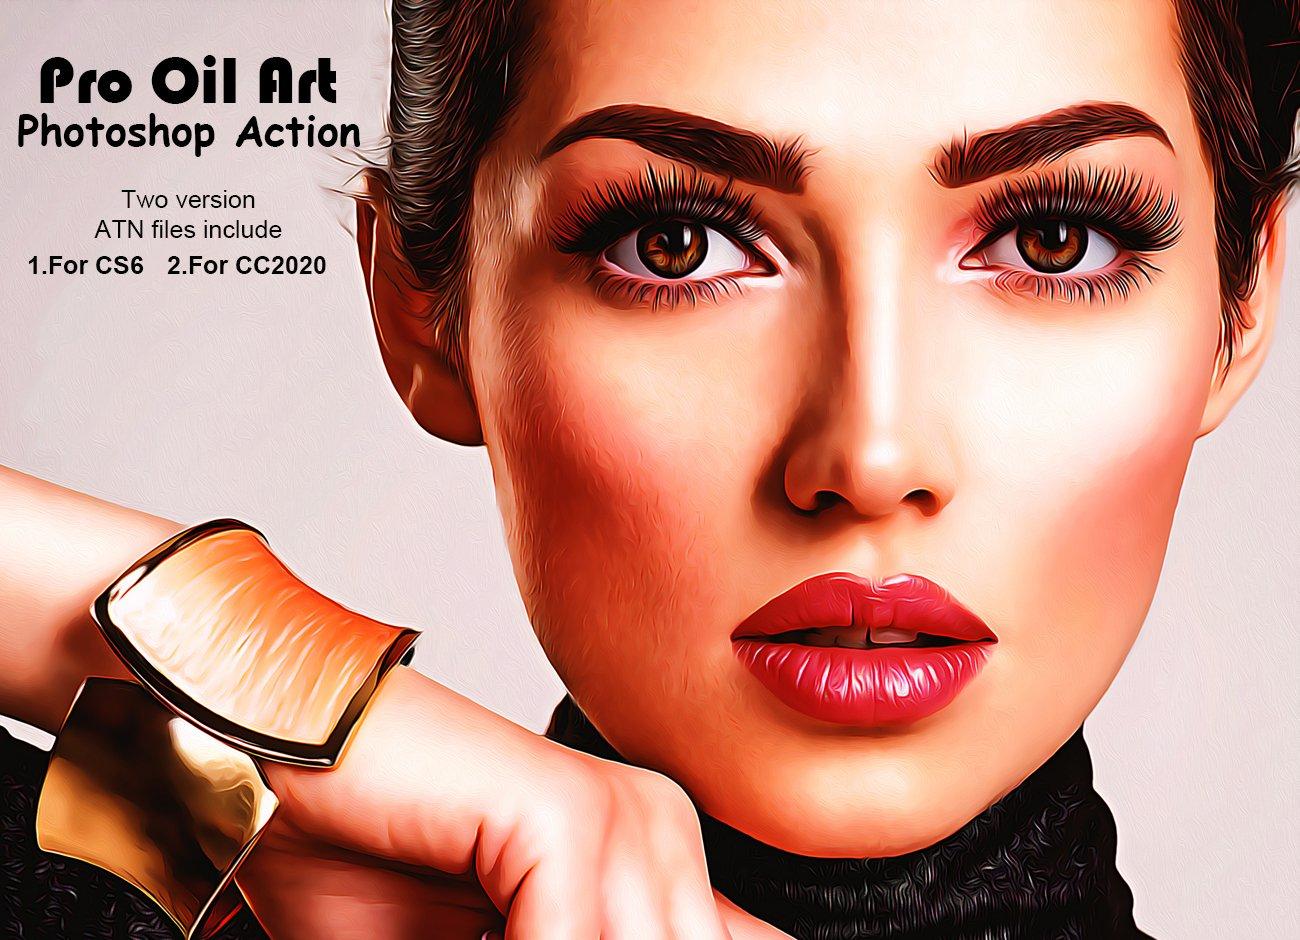 逼真油画效果照片处理特效PS动作模板素材 Pro Oil Art Photoshop Action插图